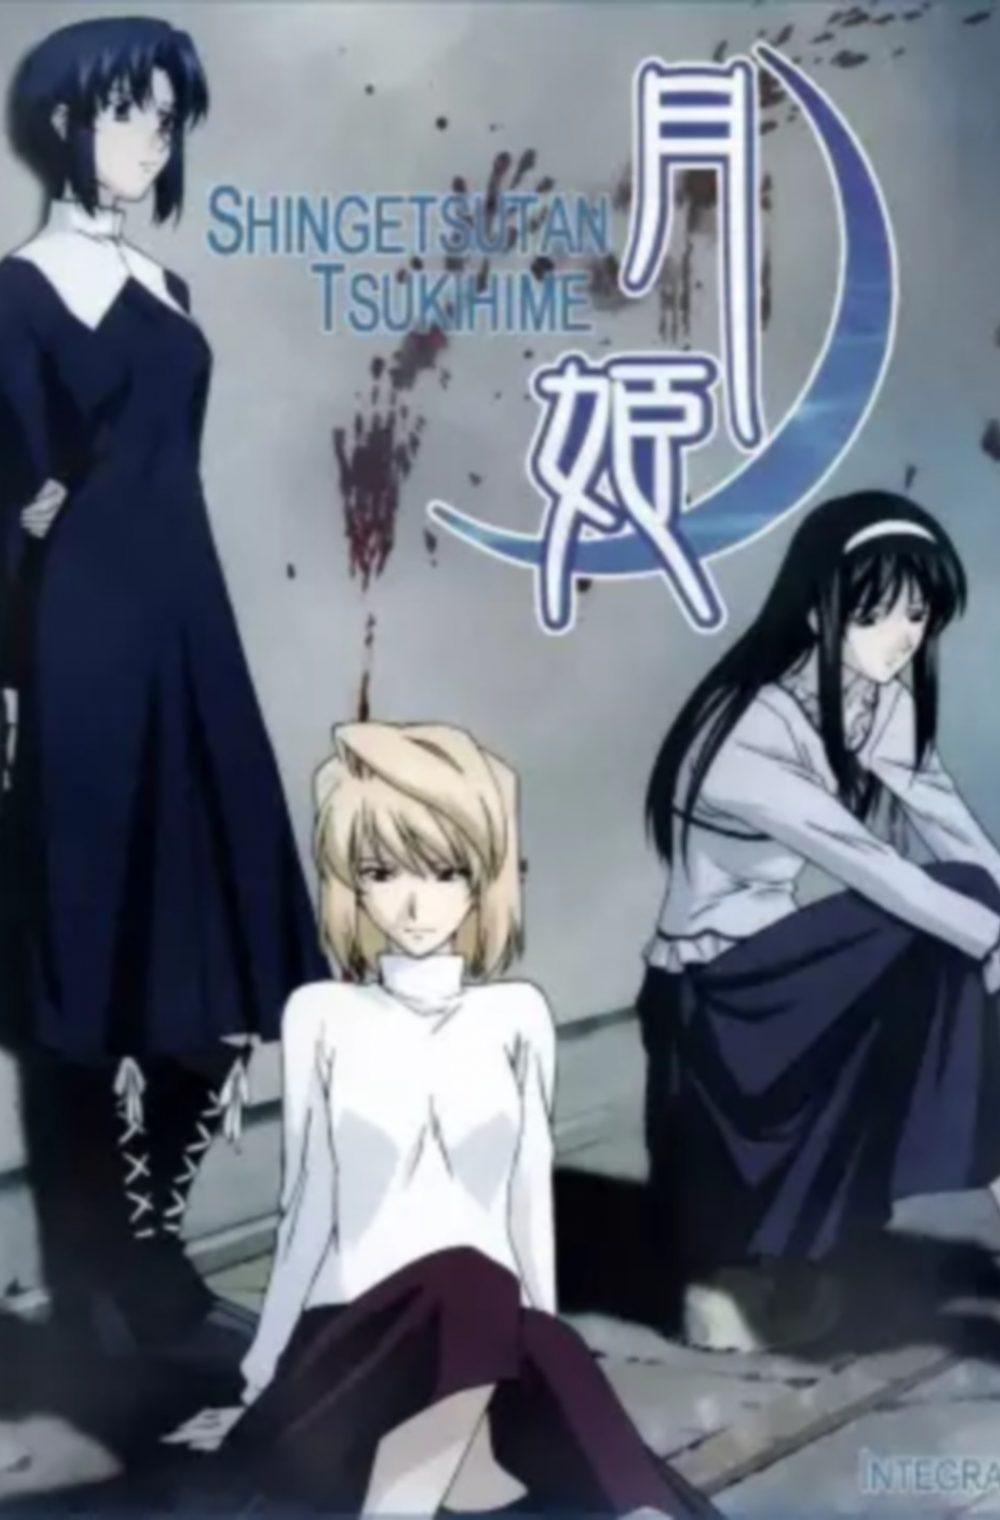 Shingetsutan Tsukihime – Lunar Legend Tsukihime